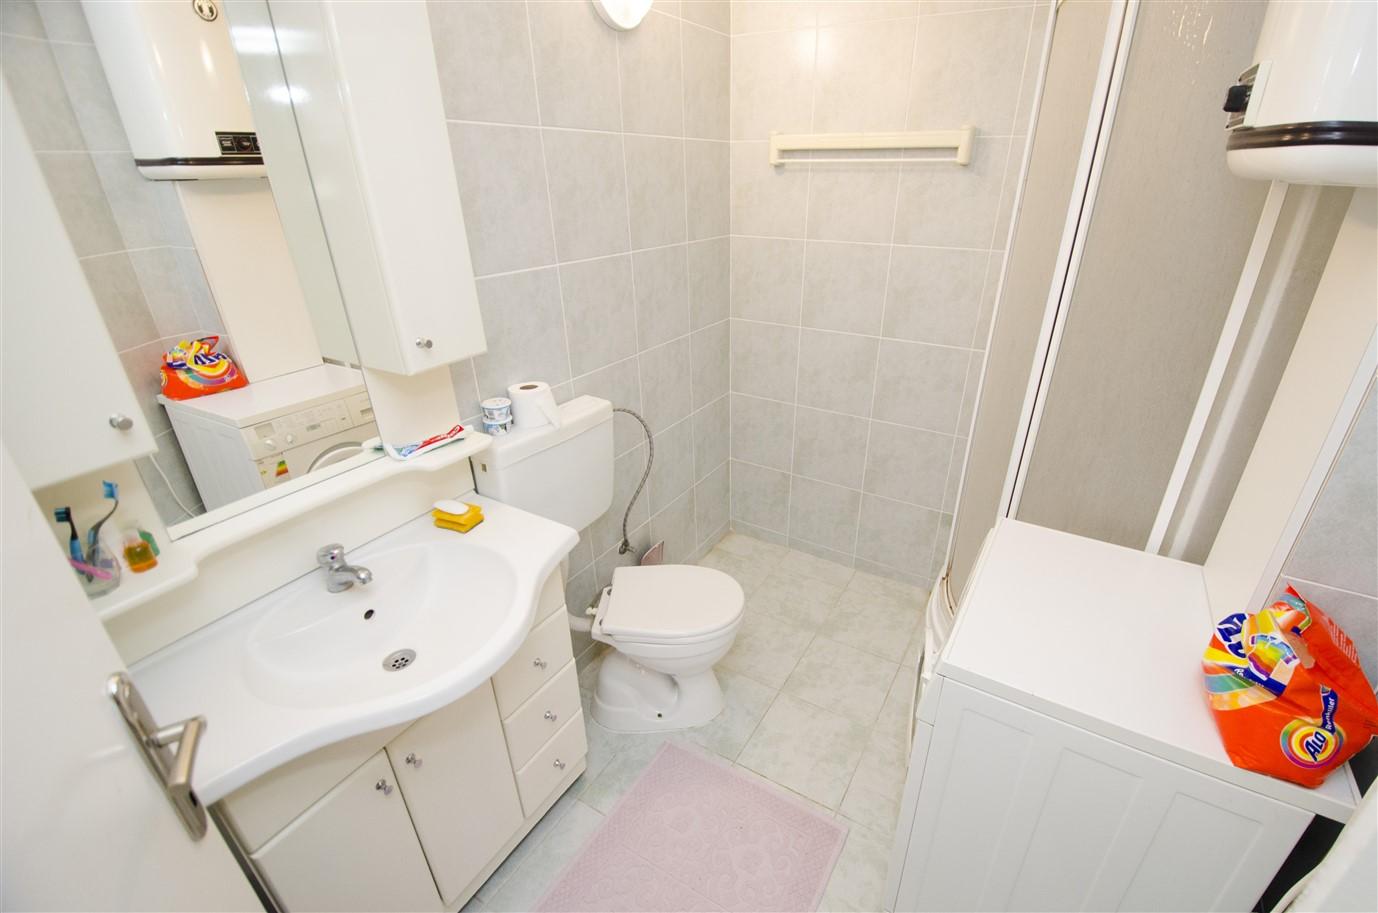 Квартира 1+1 с мебелью в районе Лиман Коньяалты Анталия - Фото 15